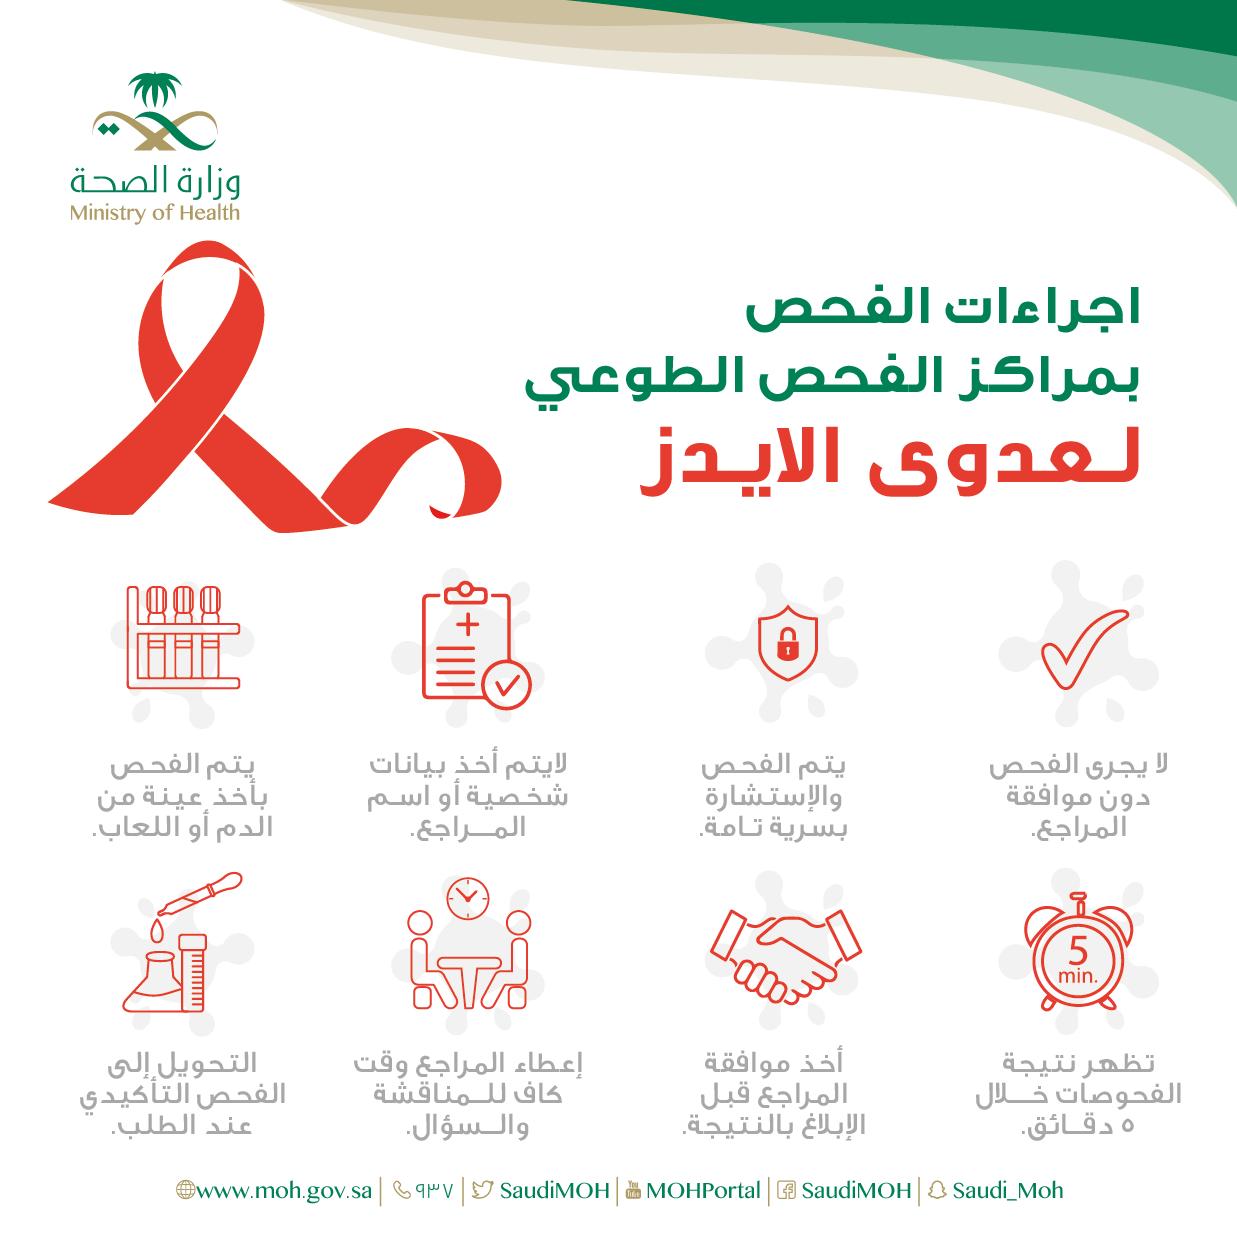 مواضيع مختلفة الإيدز